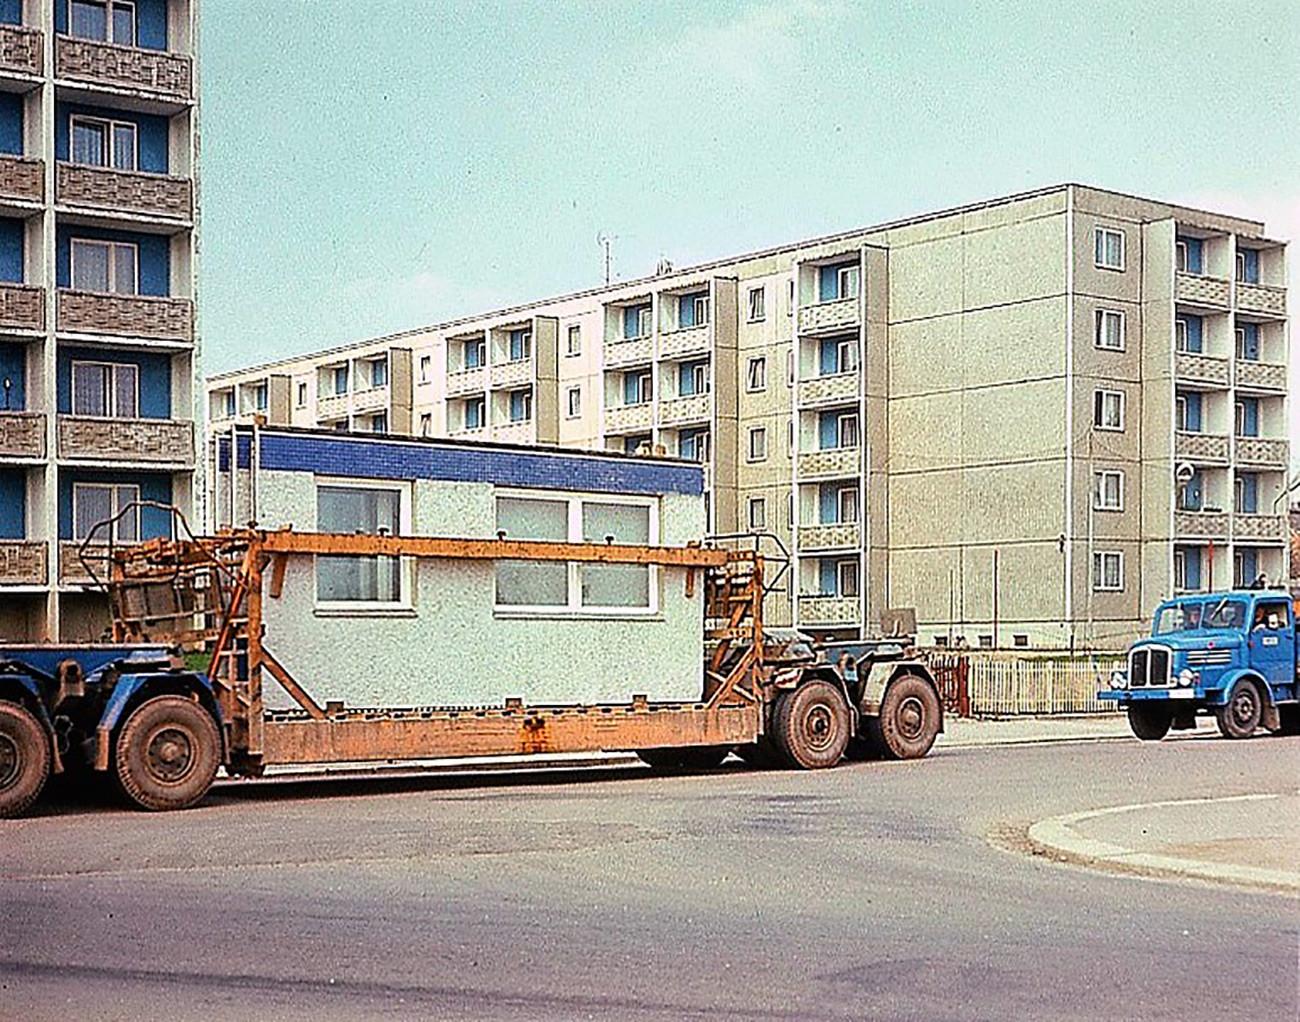 Khruschevka apartment blocks